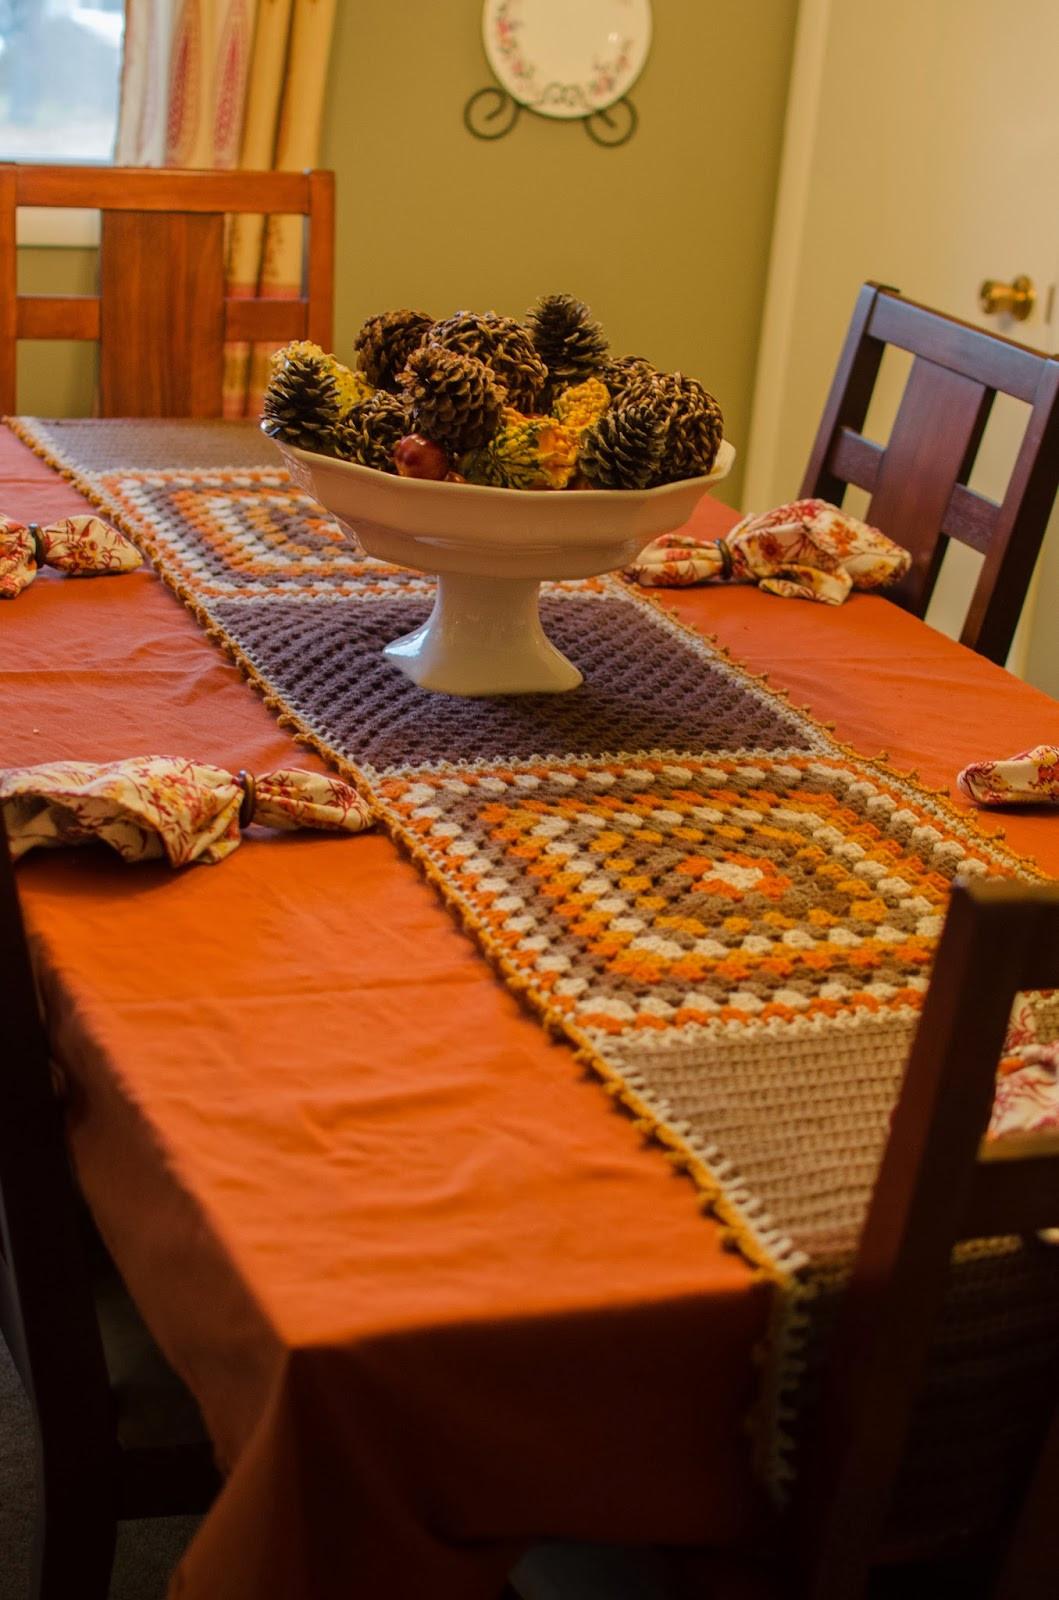 Thanksgiving Table Runner  chez sevo Thanksgiving Table Runner